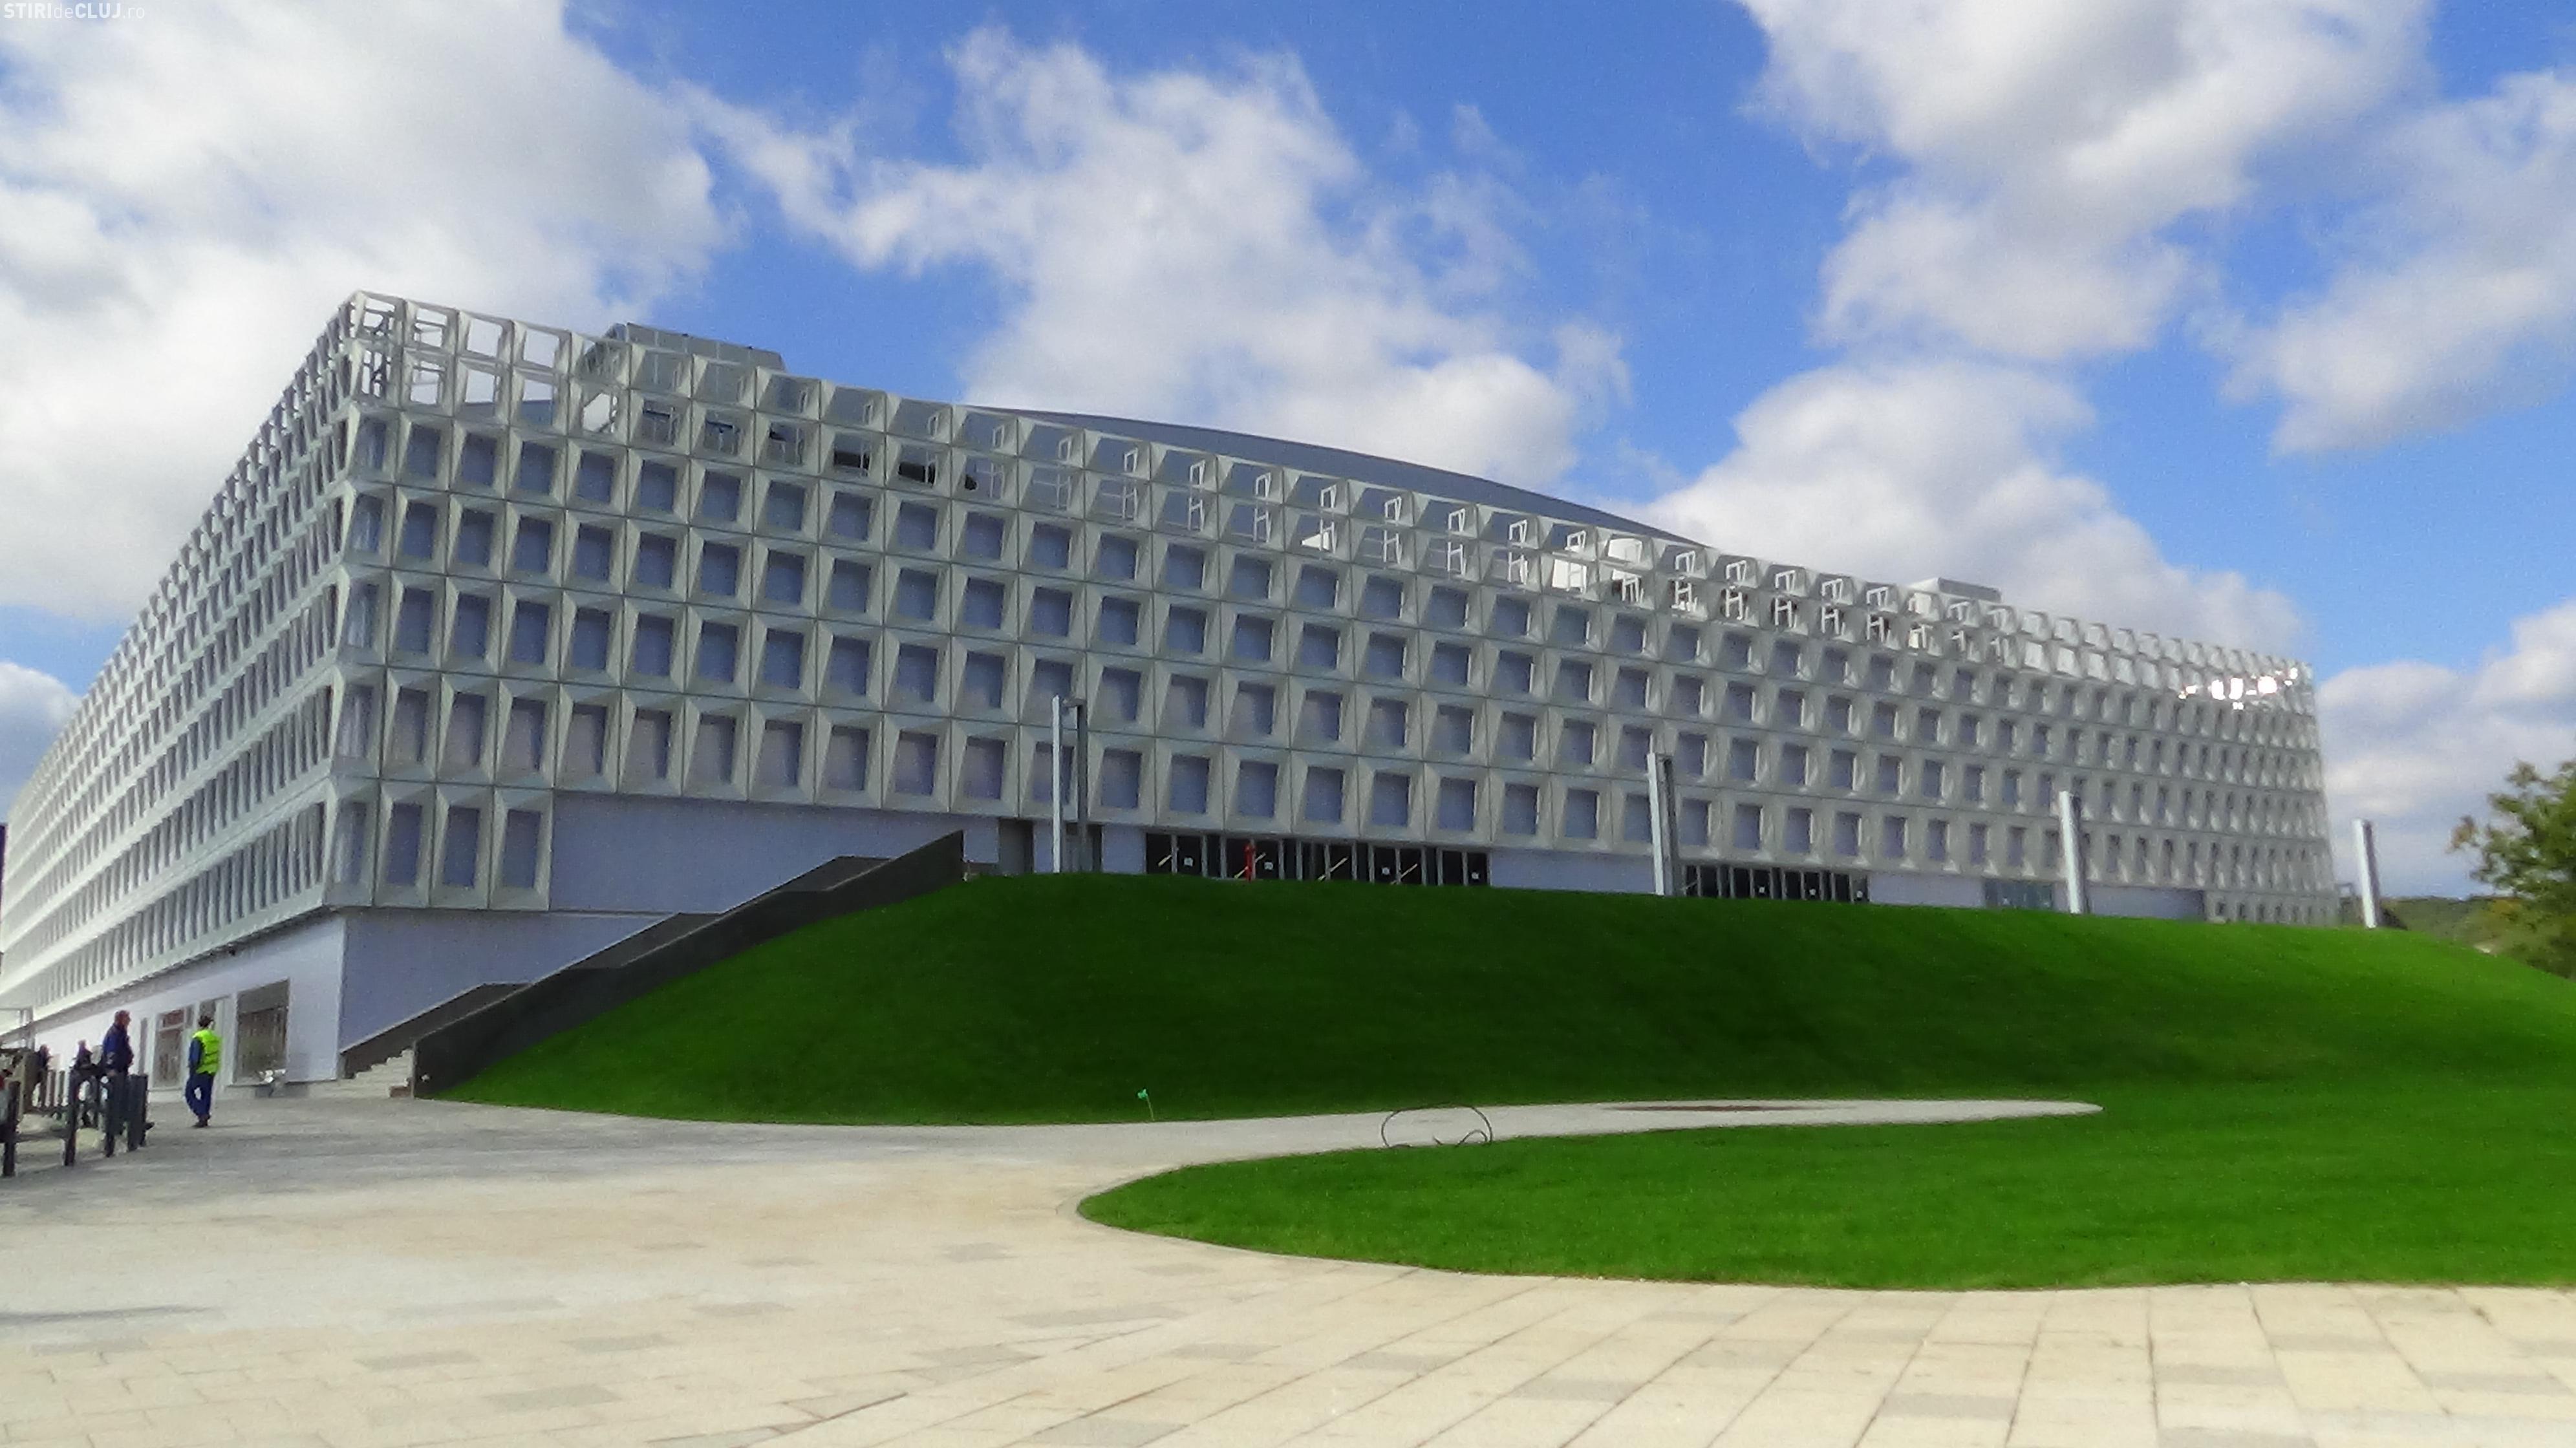 Cât costă să închiriezi Sala Polivalentă Cluj? PREȚURI OFICIALE